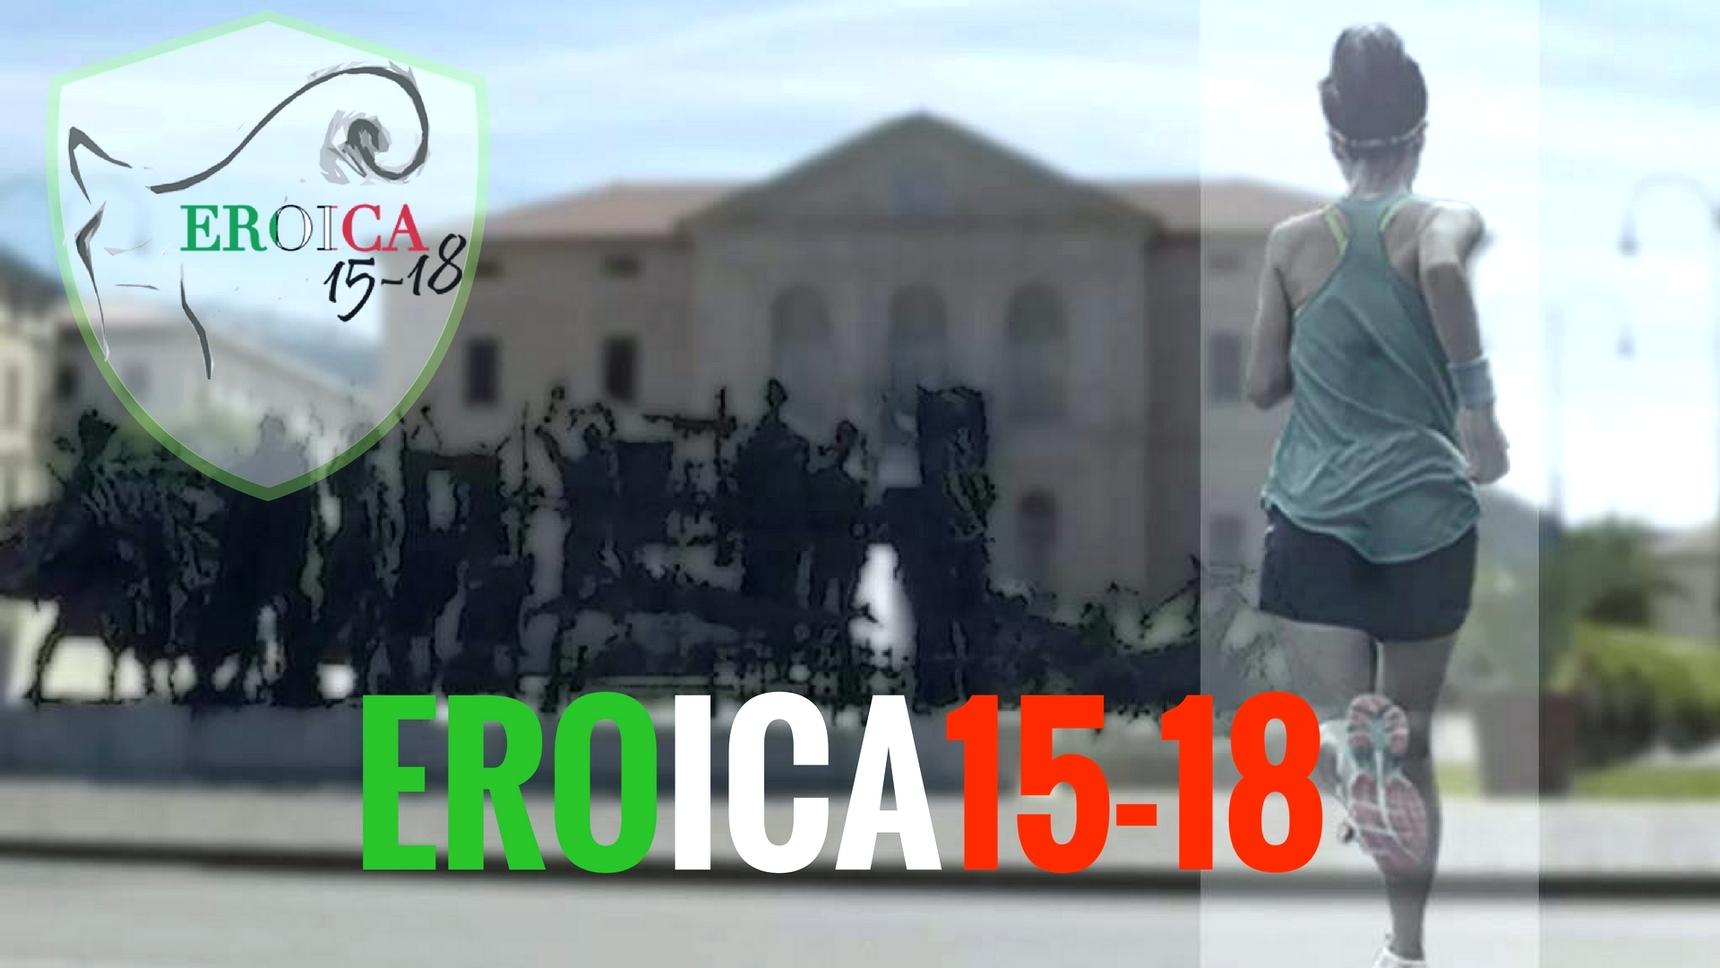 eroica15-18_vittorio-veneto_18-marzo-2018_centenario_copertina_articolo_connubio_la-mezza-di-treviso_eroica15-18